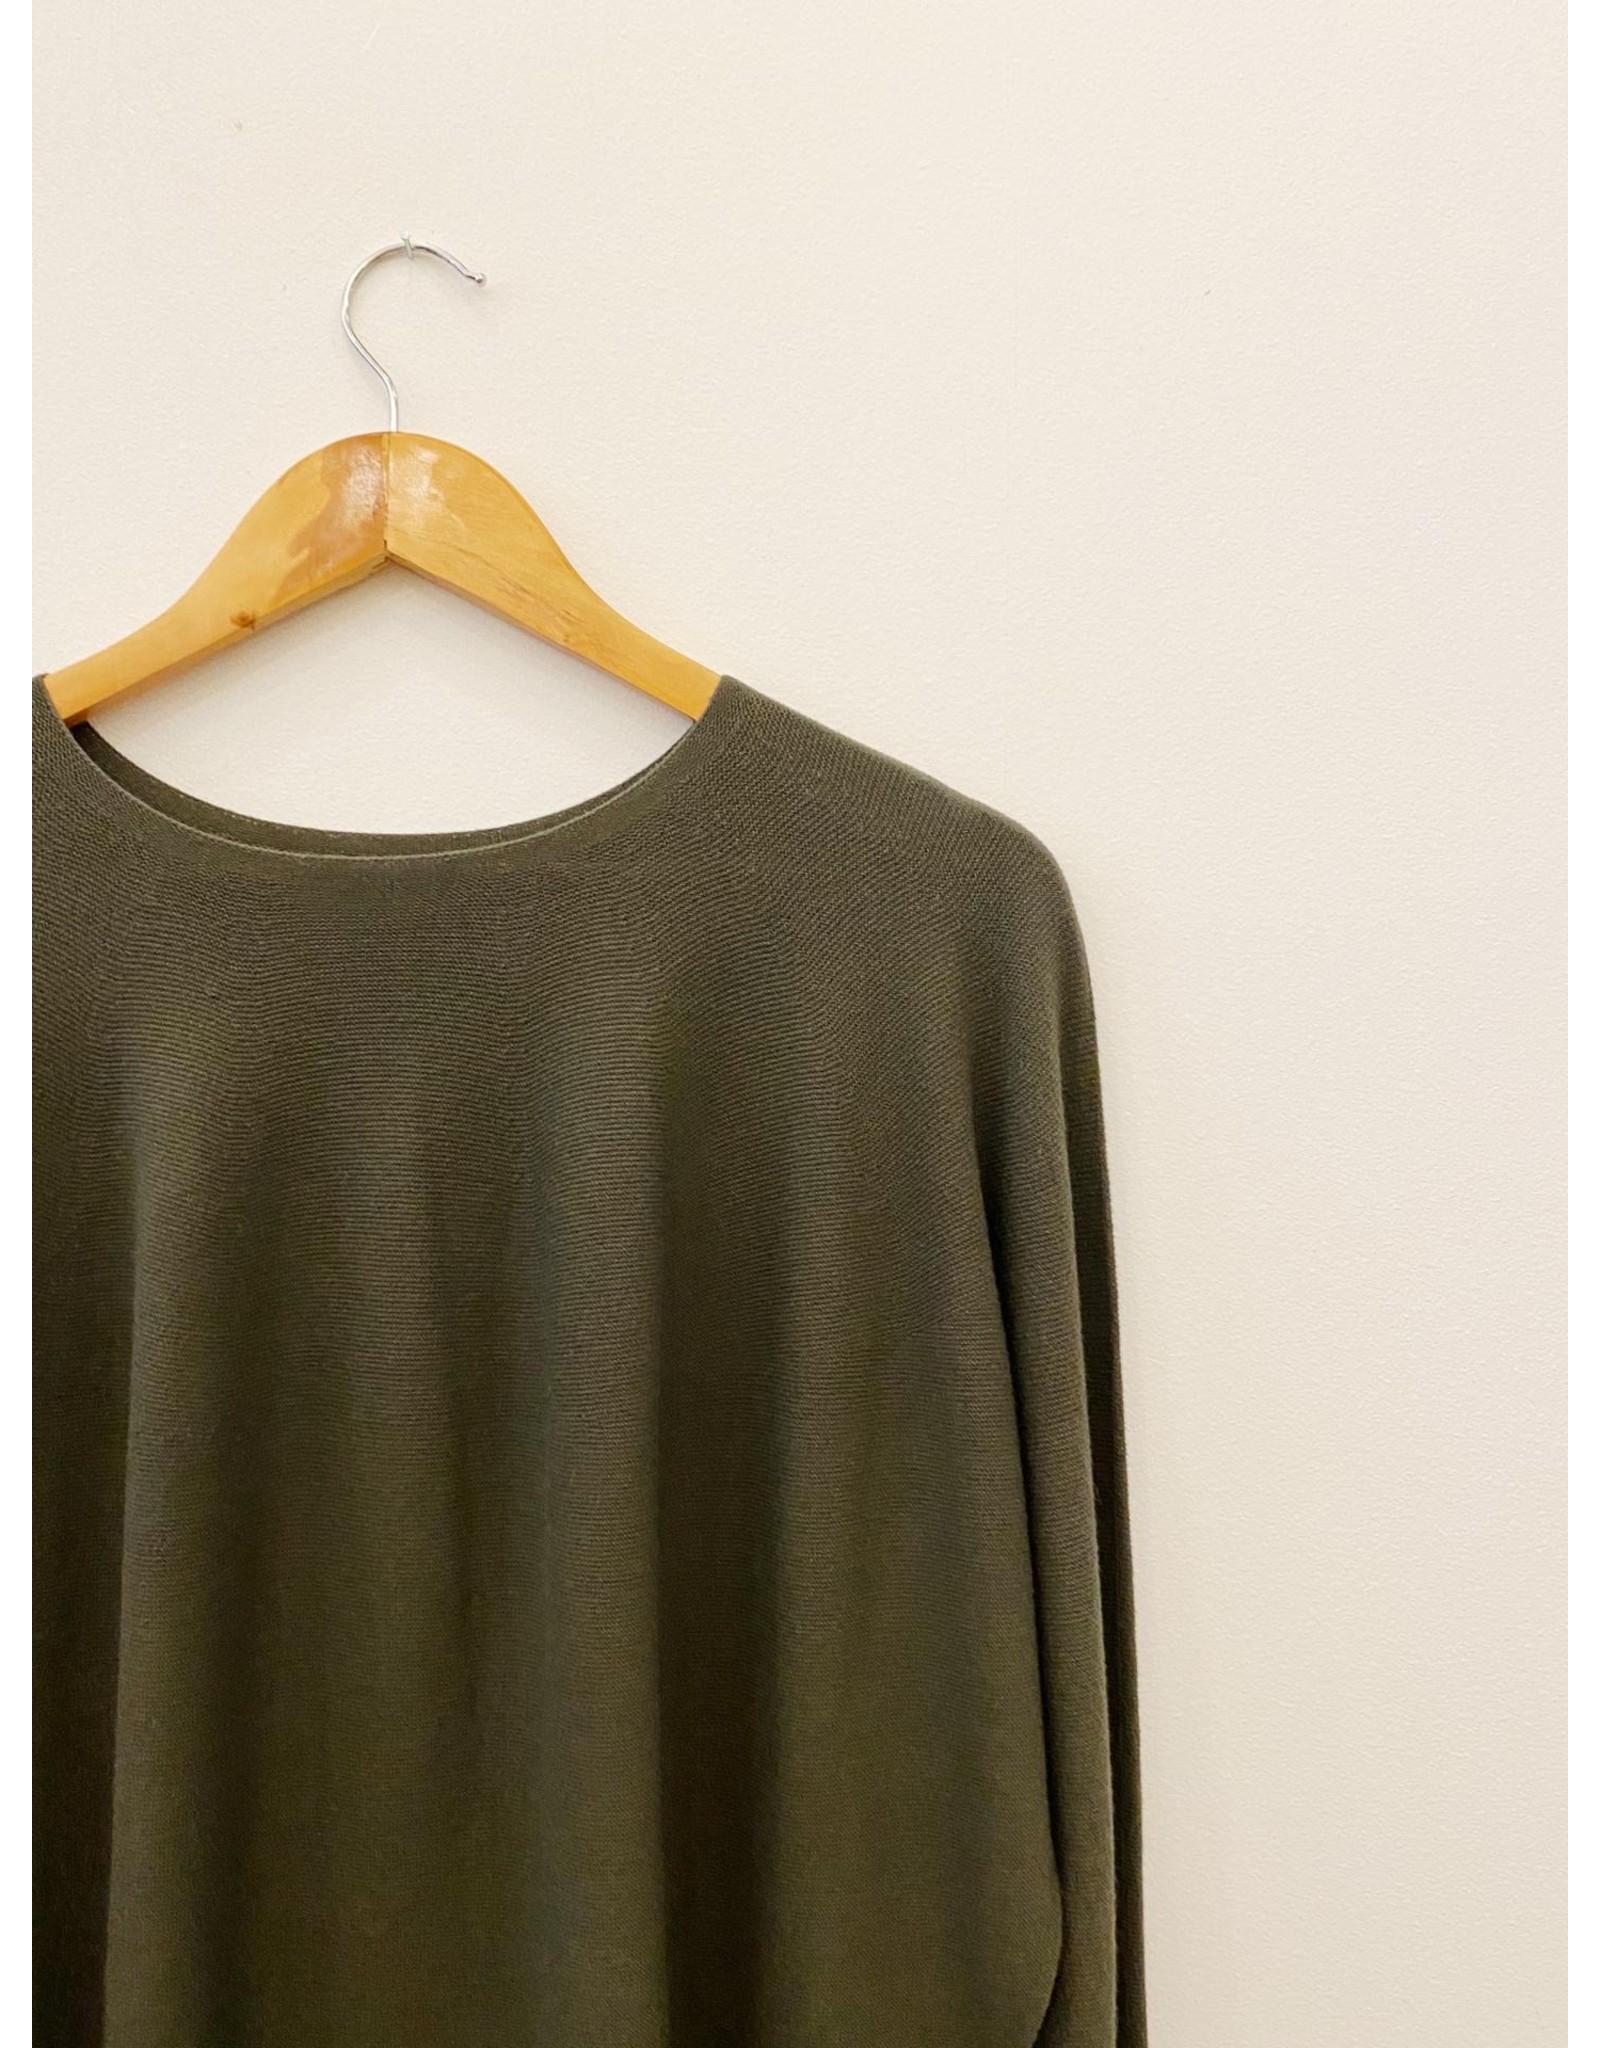 Sita Murt Khaki Sweater